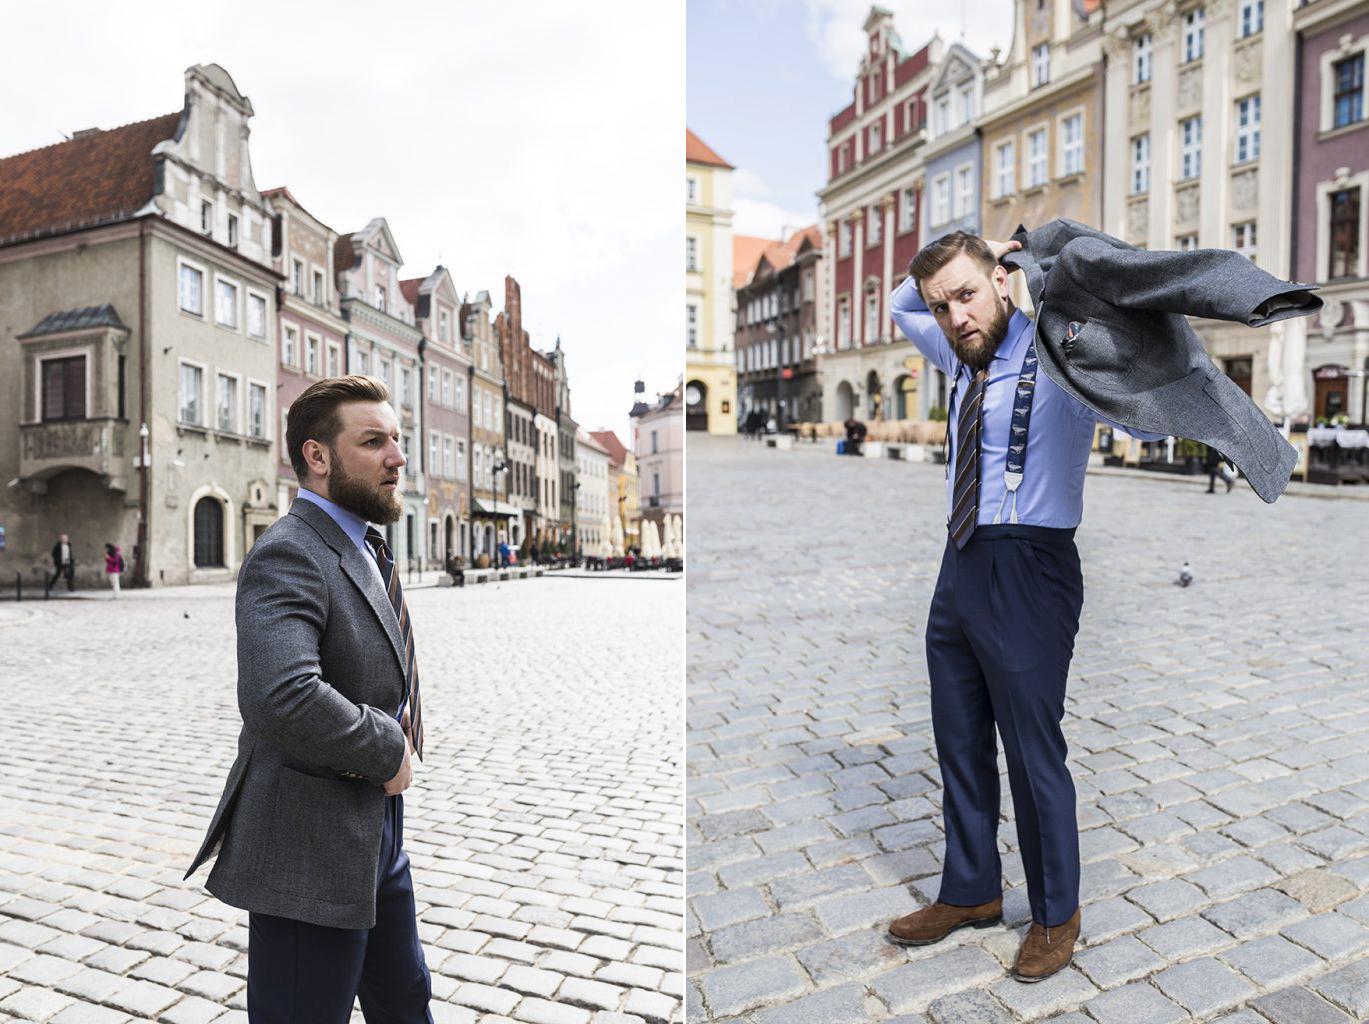 spodnie-na-szelki-zestaw-koordynowany-blekitna-koszula-miler-menswear(5